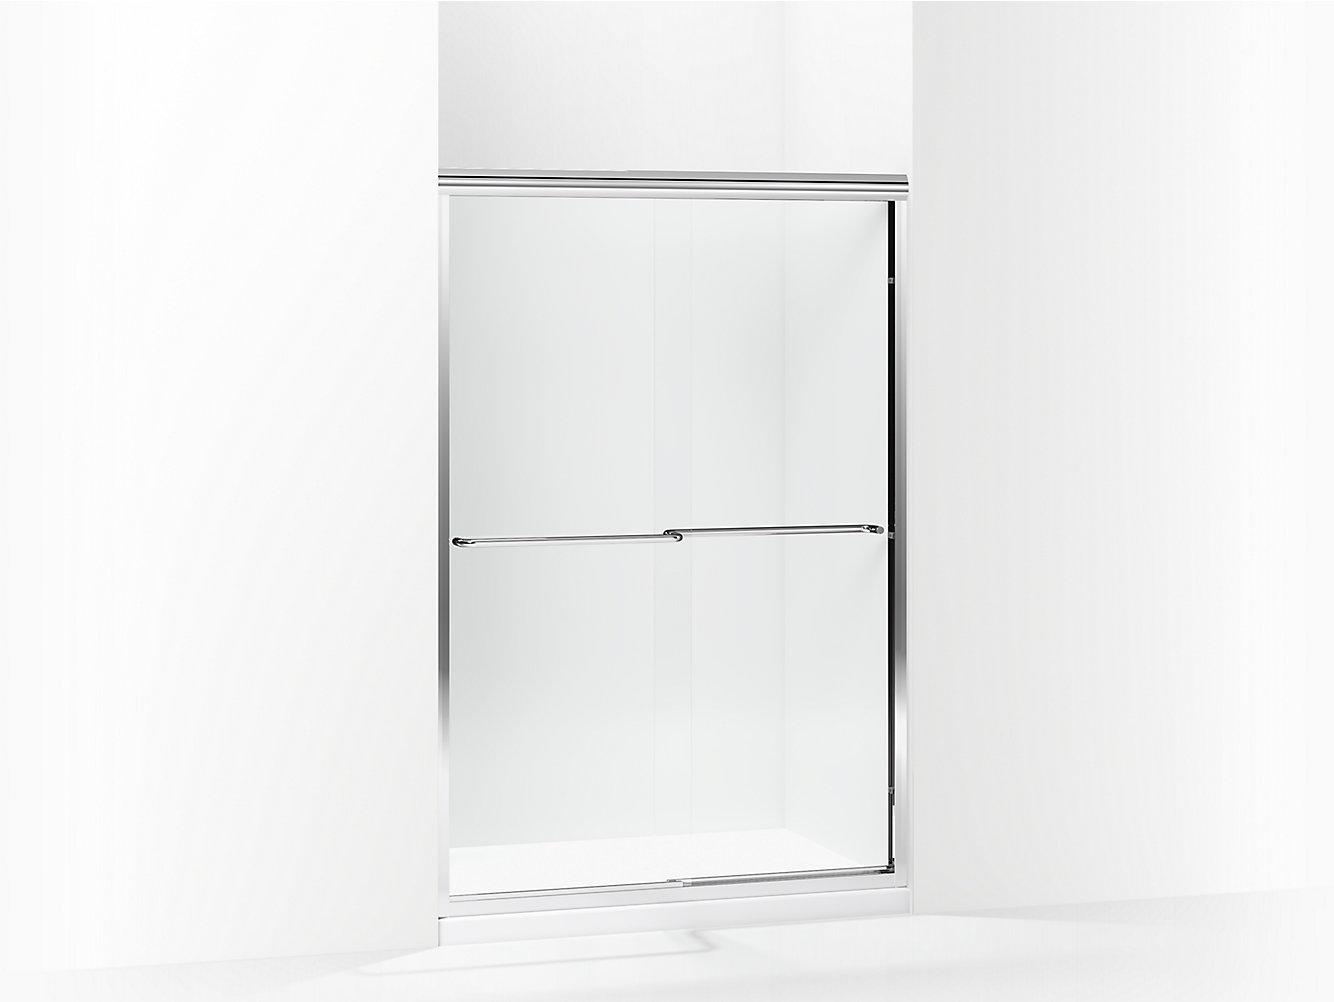 Finesse Frameless Sliding Shower Door Height 70 116 Max